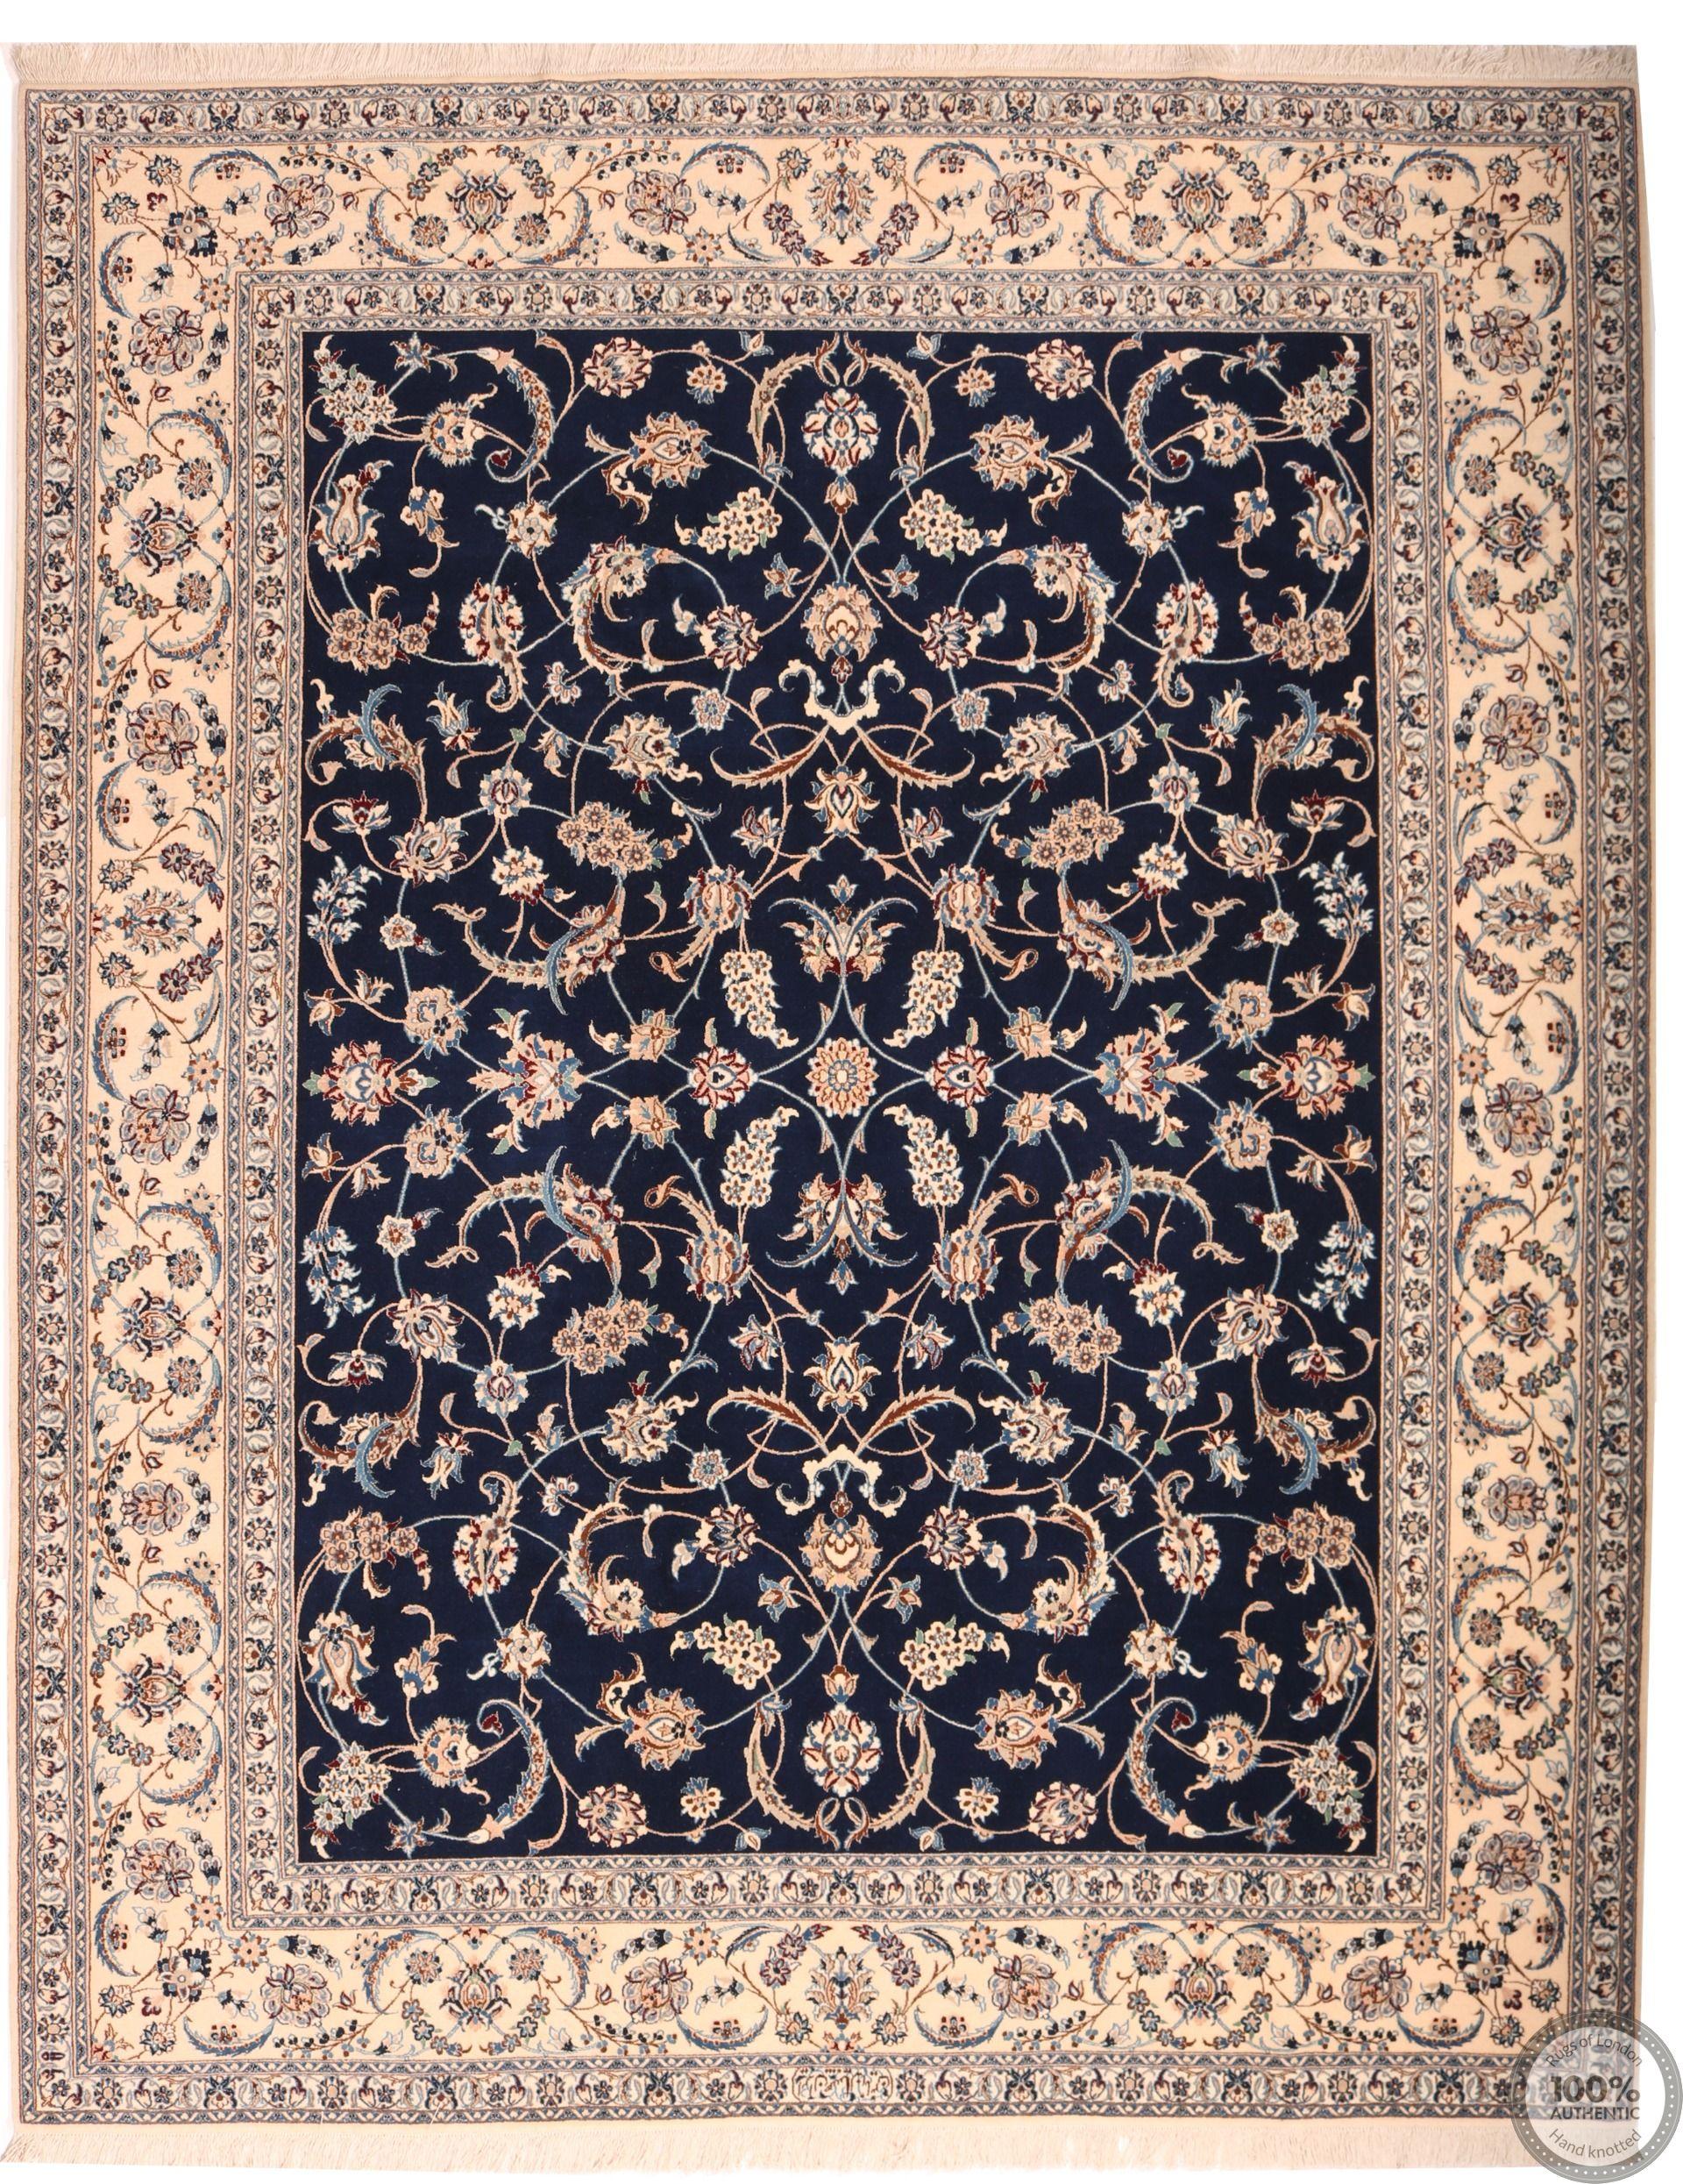 Persian Nain 6la rug with silk highlights - 8'3 x 6'7